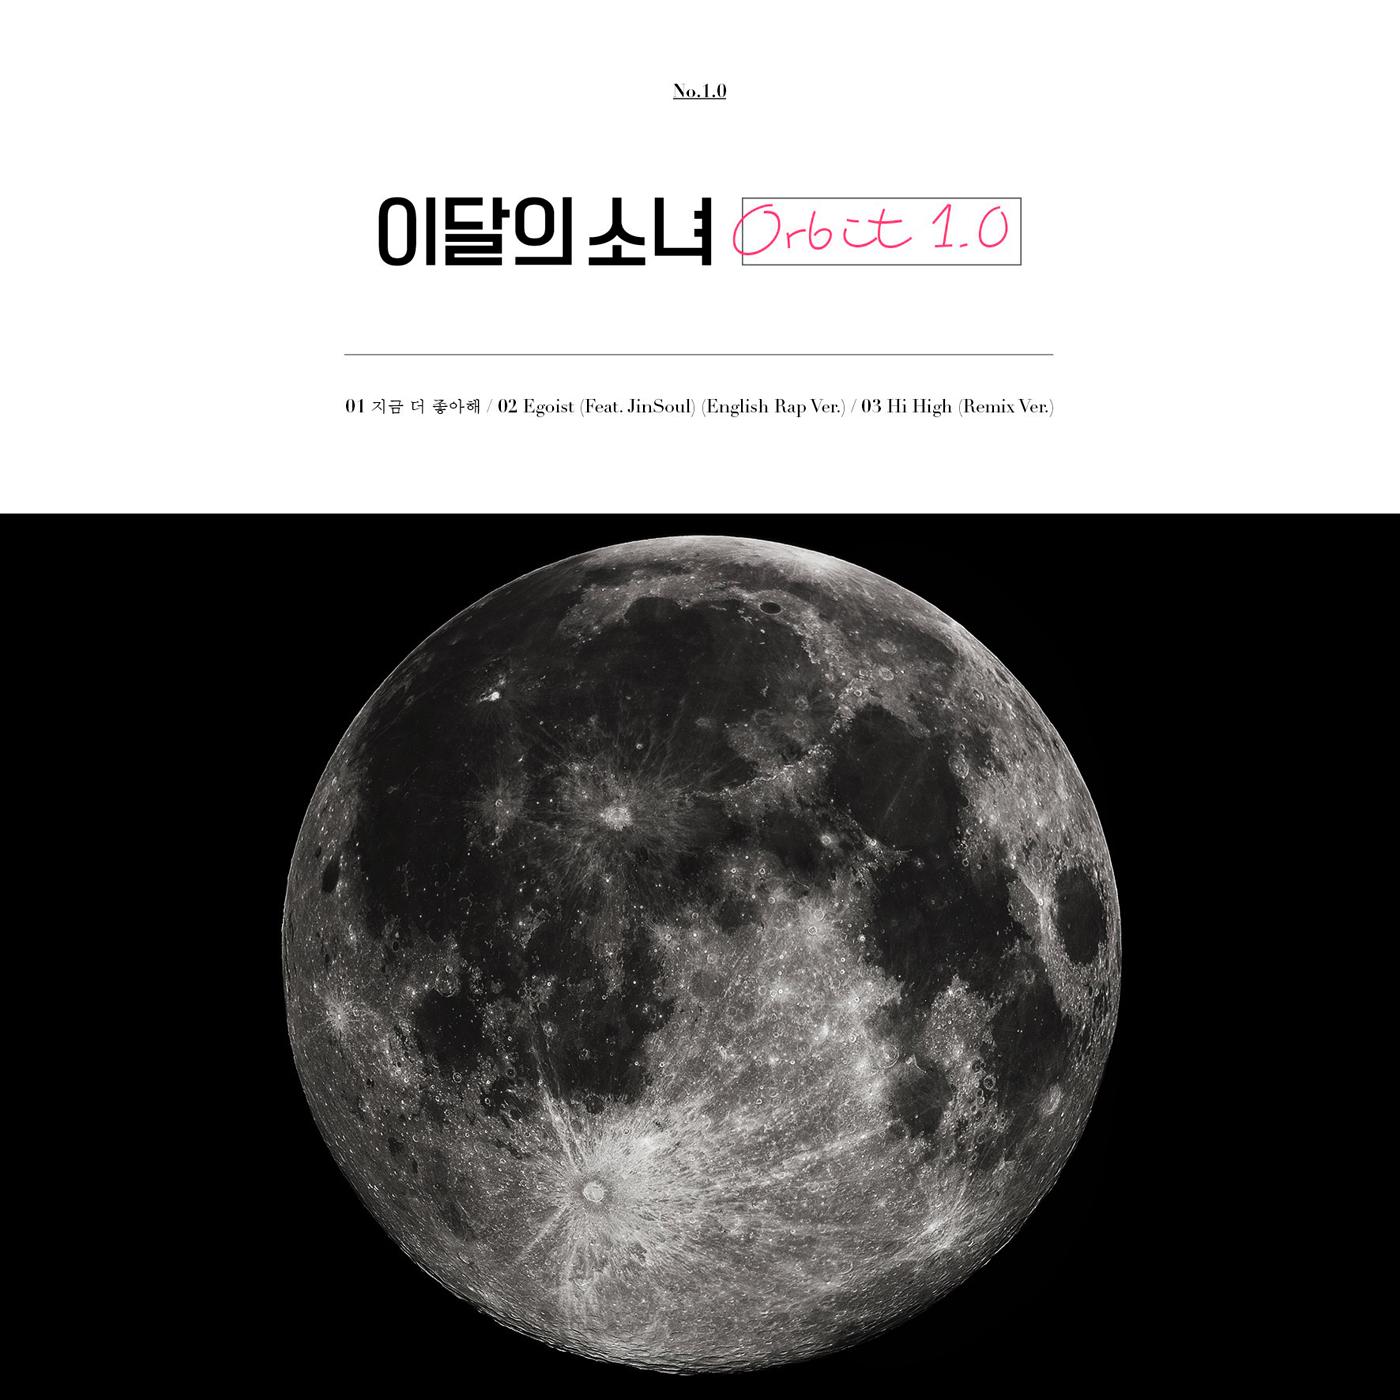 Orbit 1 0 | Kpop Wiki | FANDOM powered by Wikia